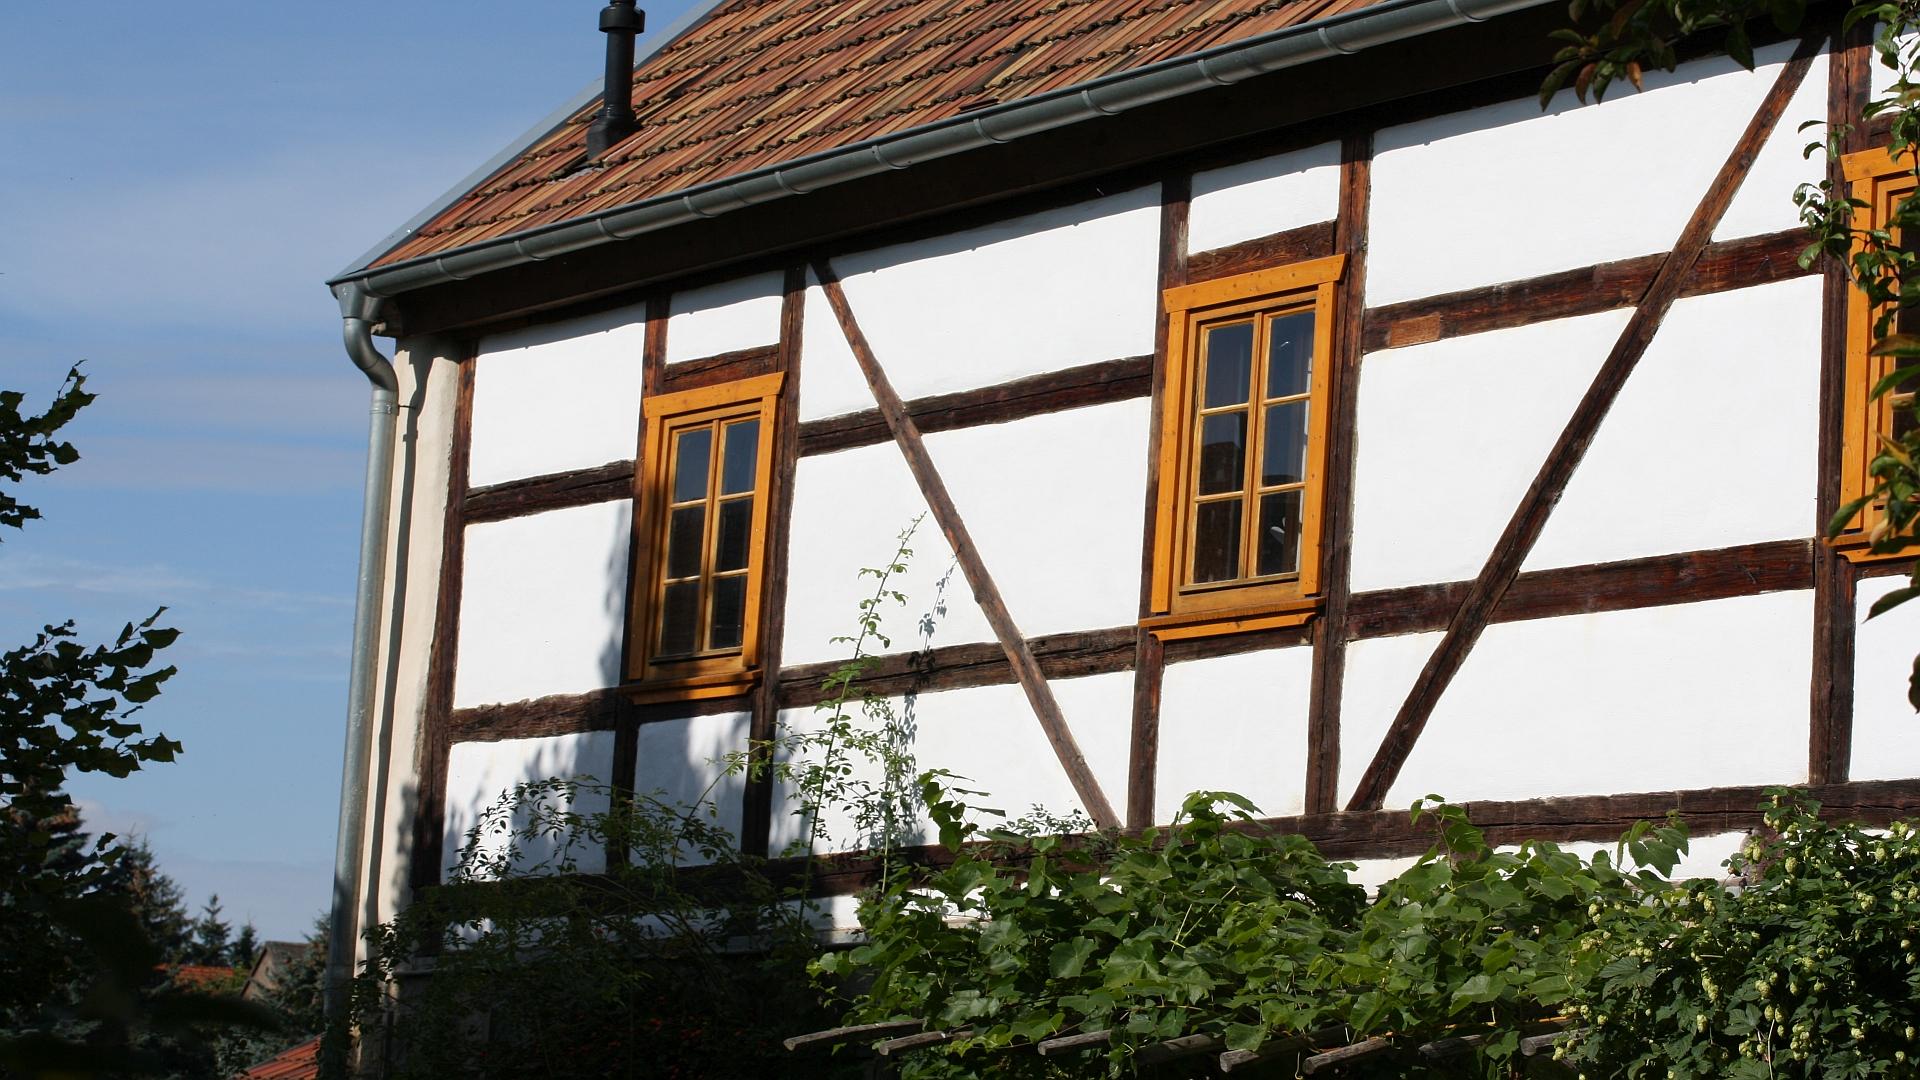 Wilsdruff-Helbigsdorf_20170917-4neu